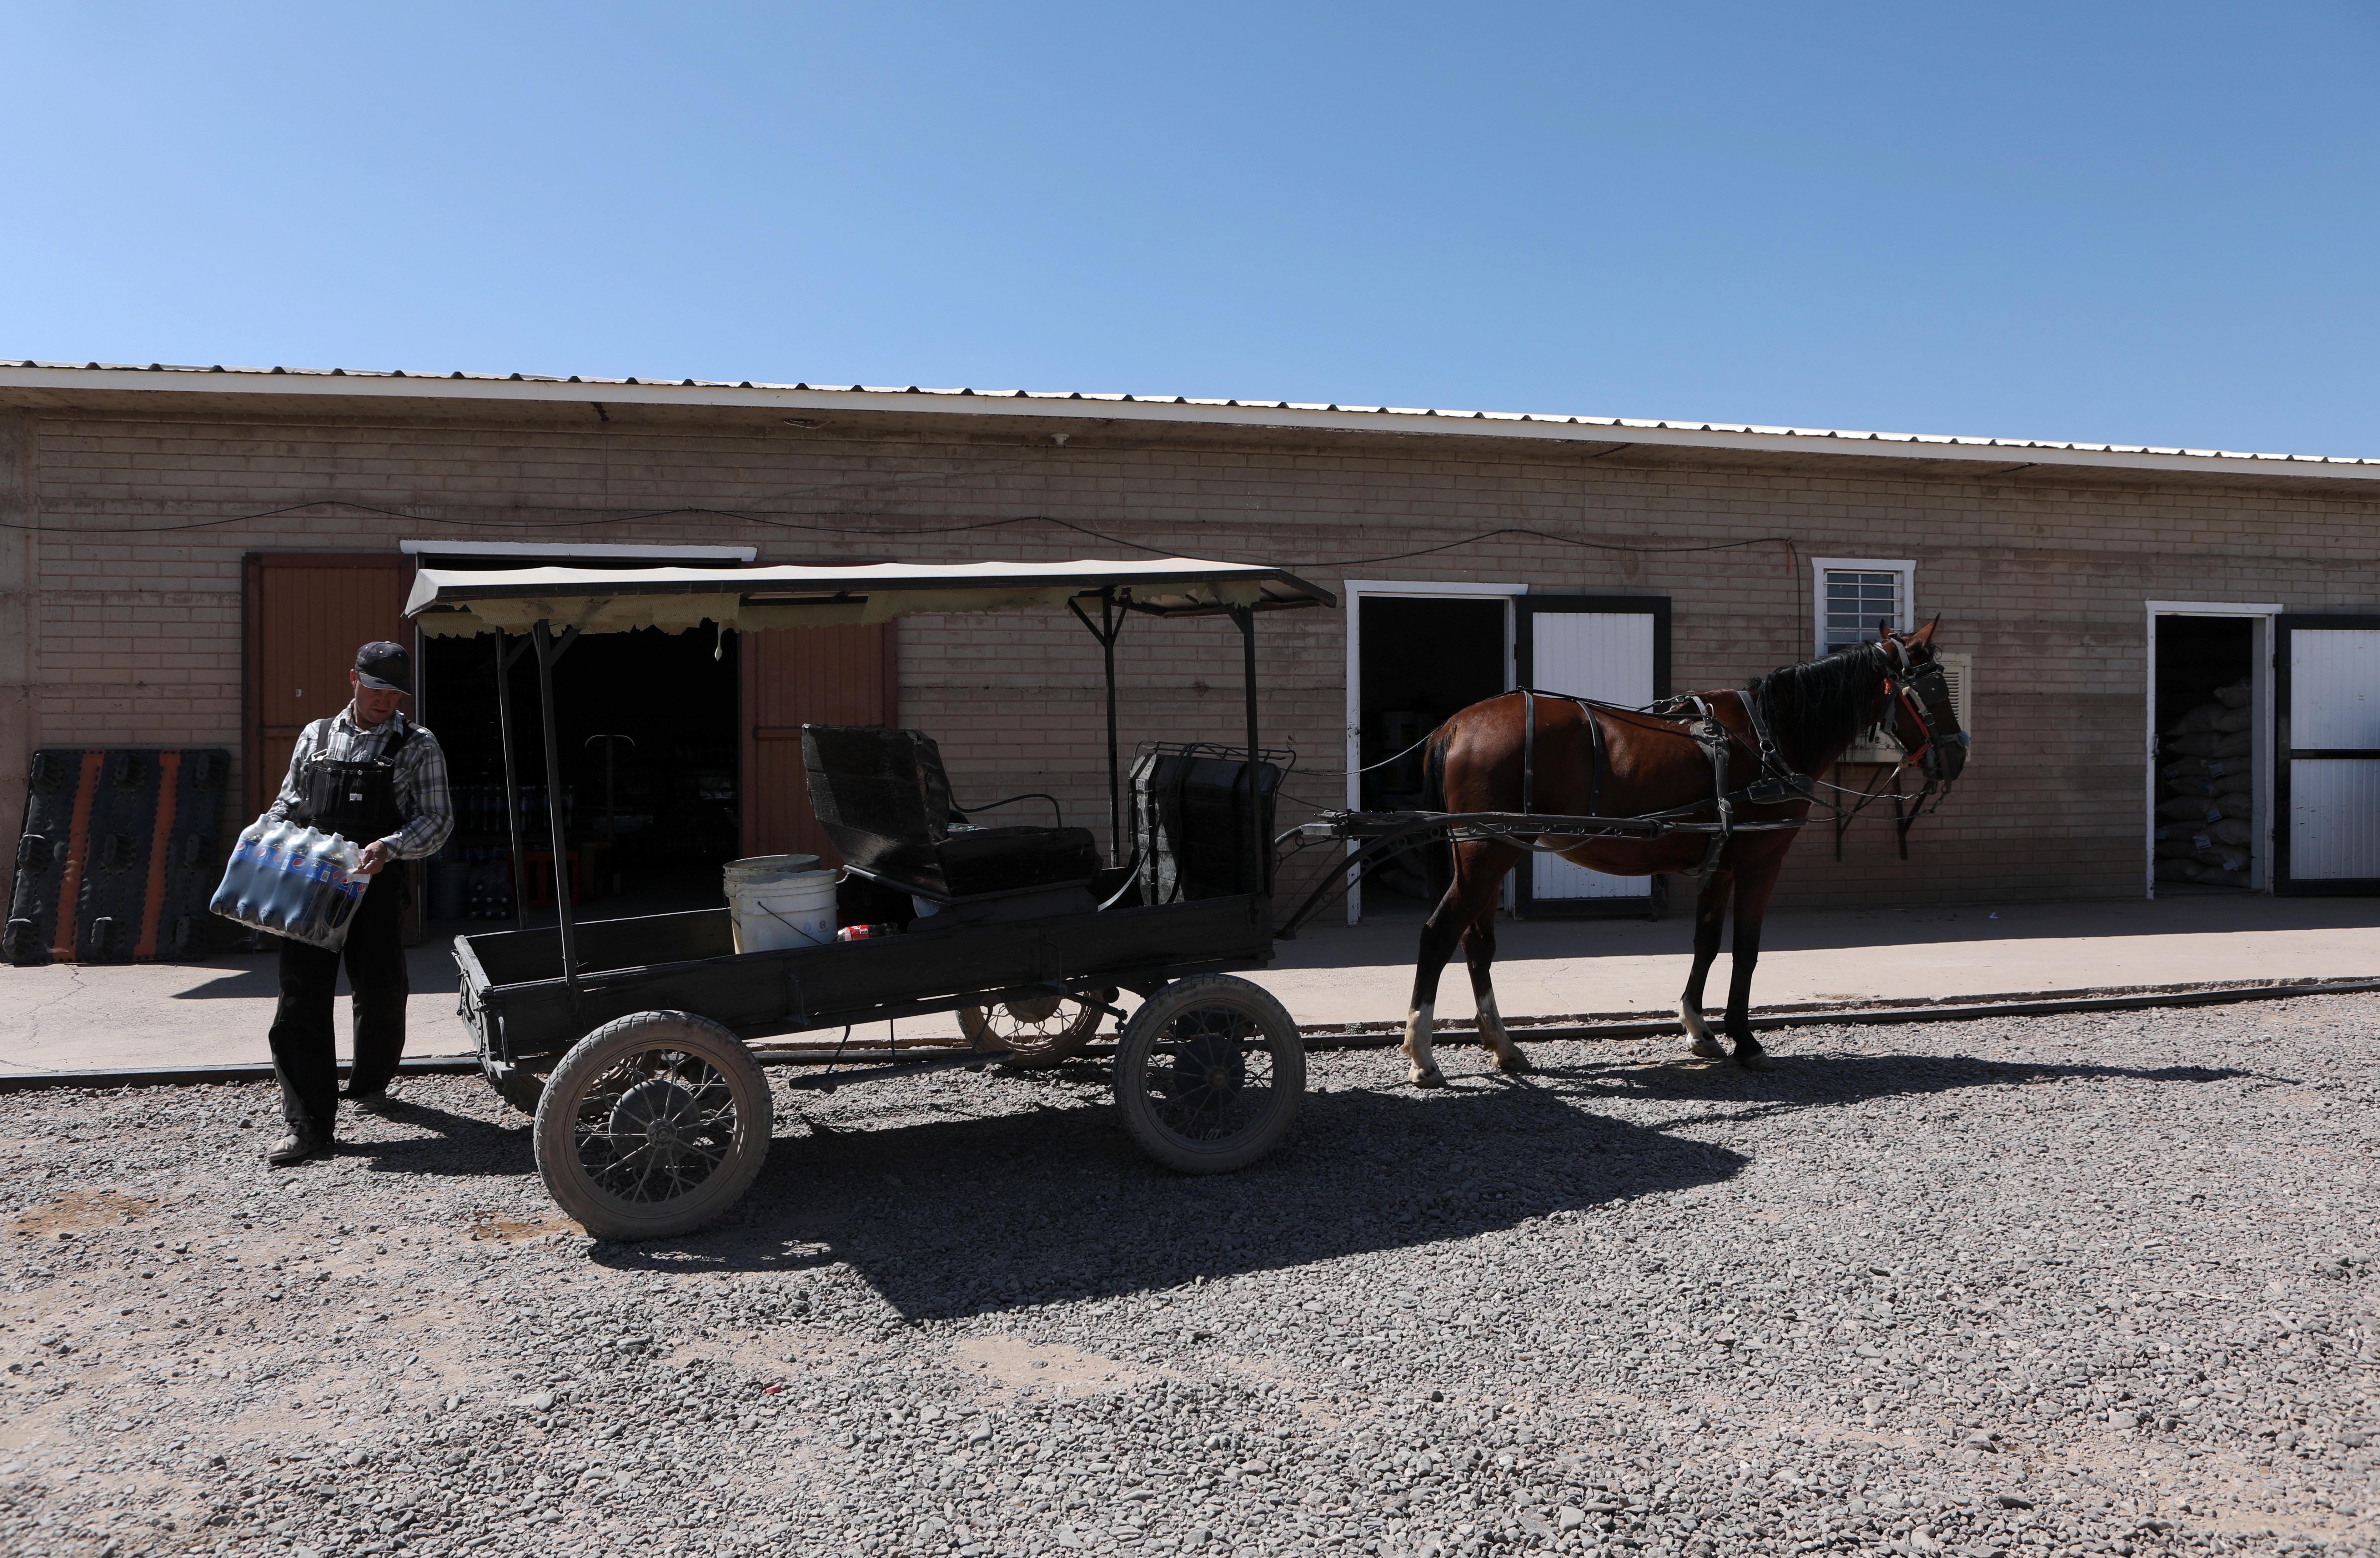 Un hombre menonita carga una caja de refrescos en un carro tirado por caballos en una comunidad menonita en el municipio de Ascensión estado de Chihuahua, México, el 26 de septiembre de 2020.